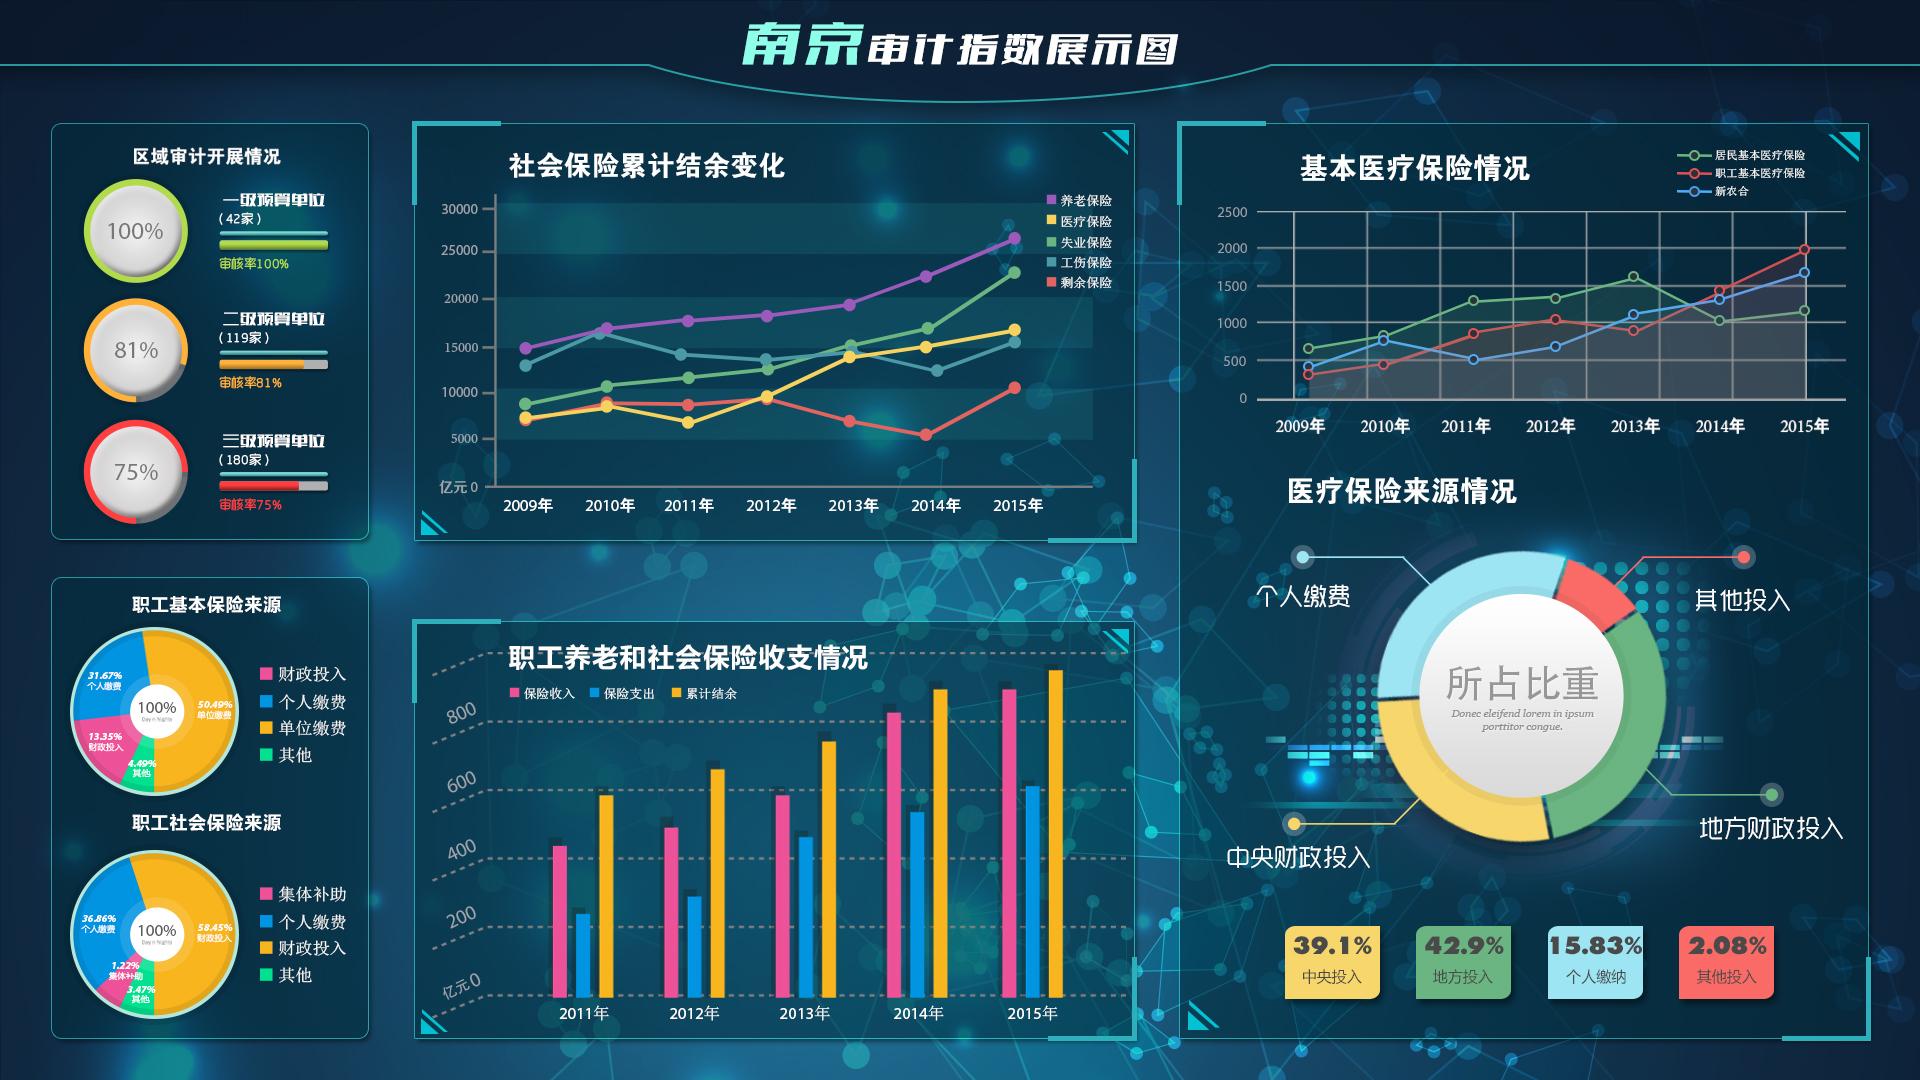 腾讯客服-微信公众平台数据统计图文分析是什